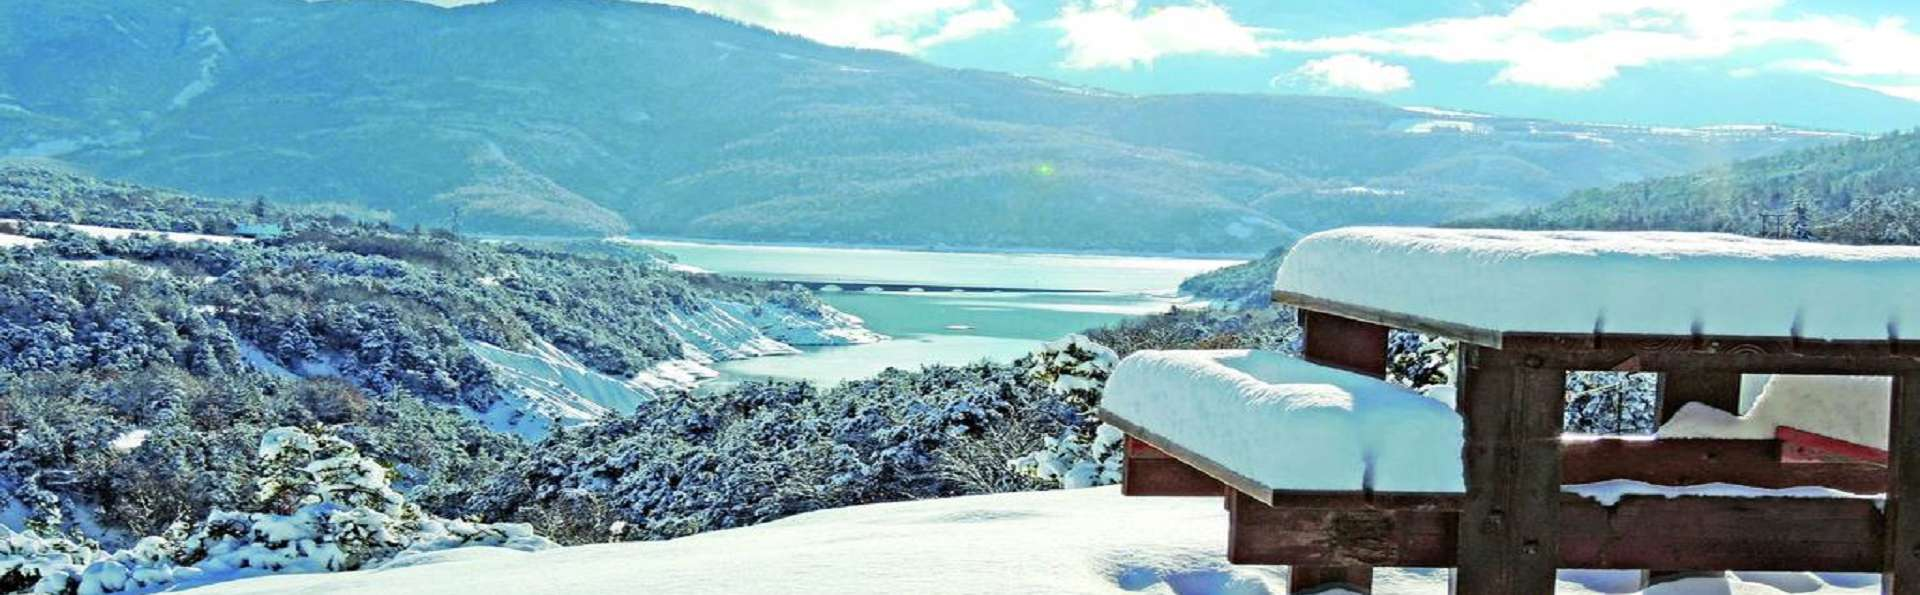 Club Vacances Bleues Les Horizons du Lac - EDIT_paysage_hiver.jpg